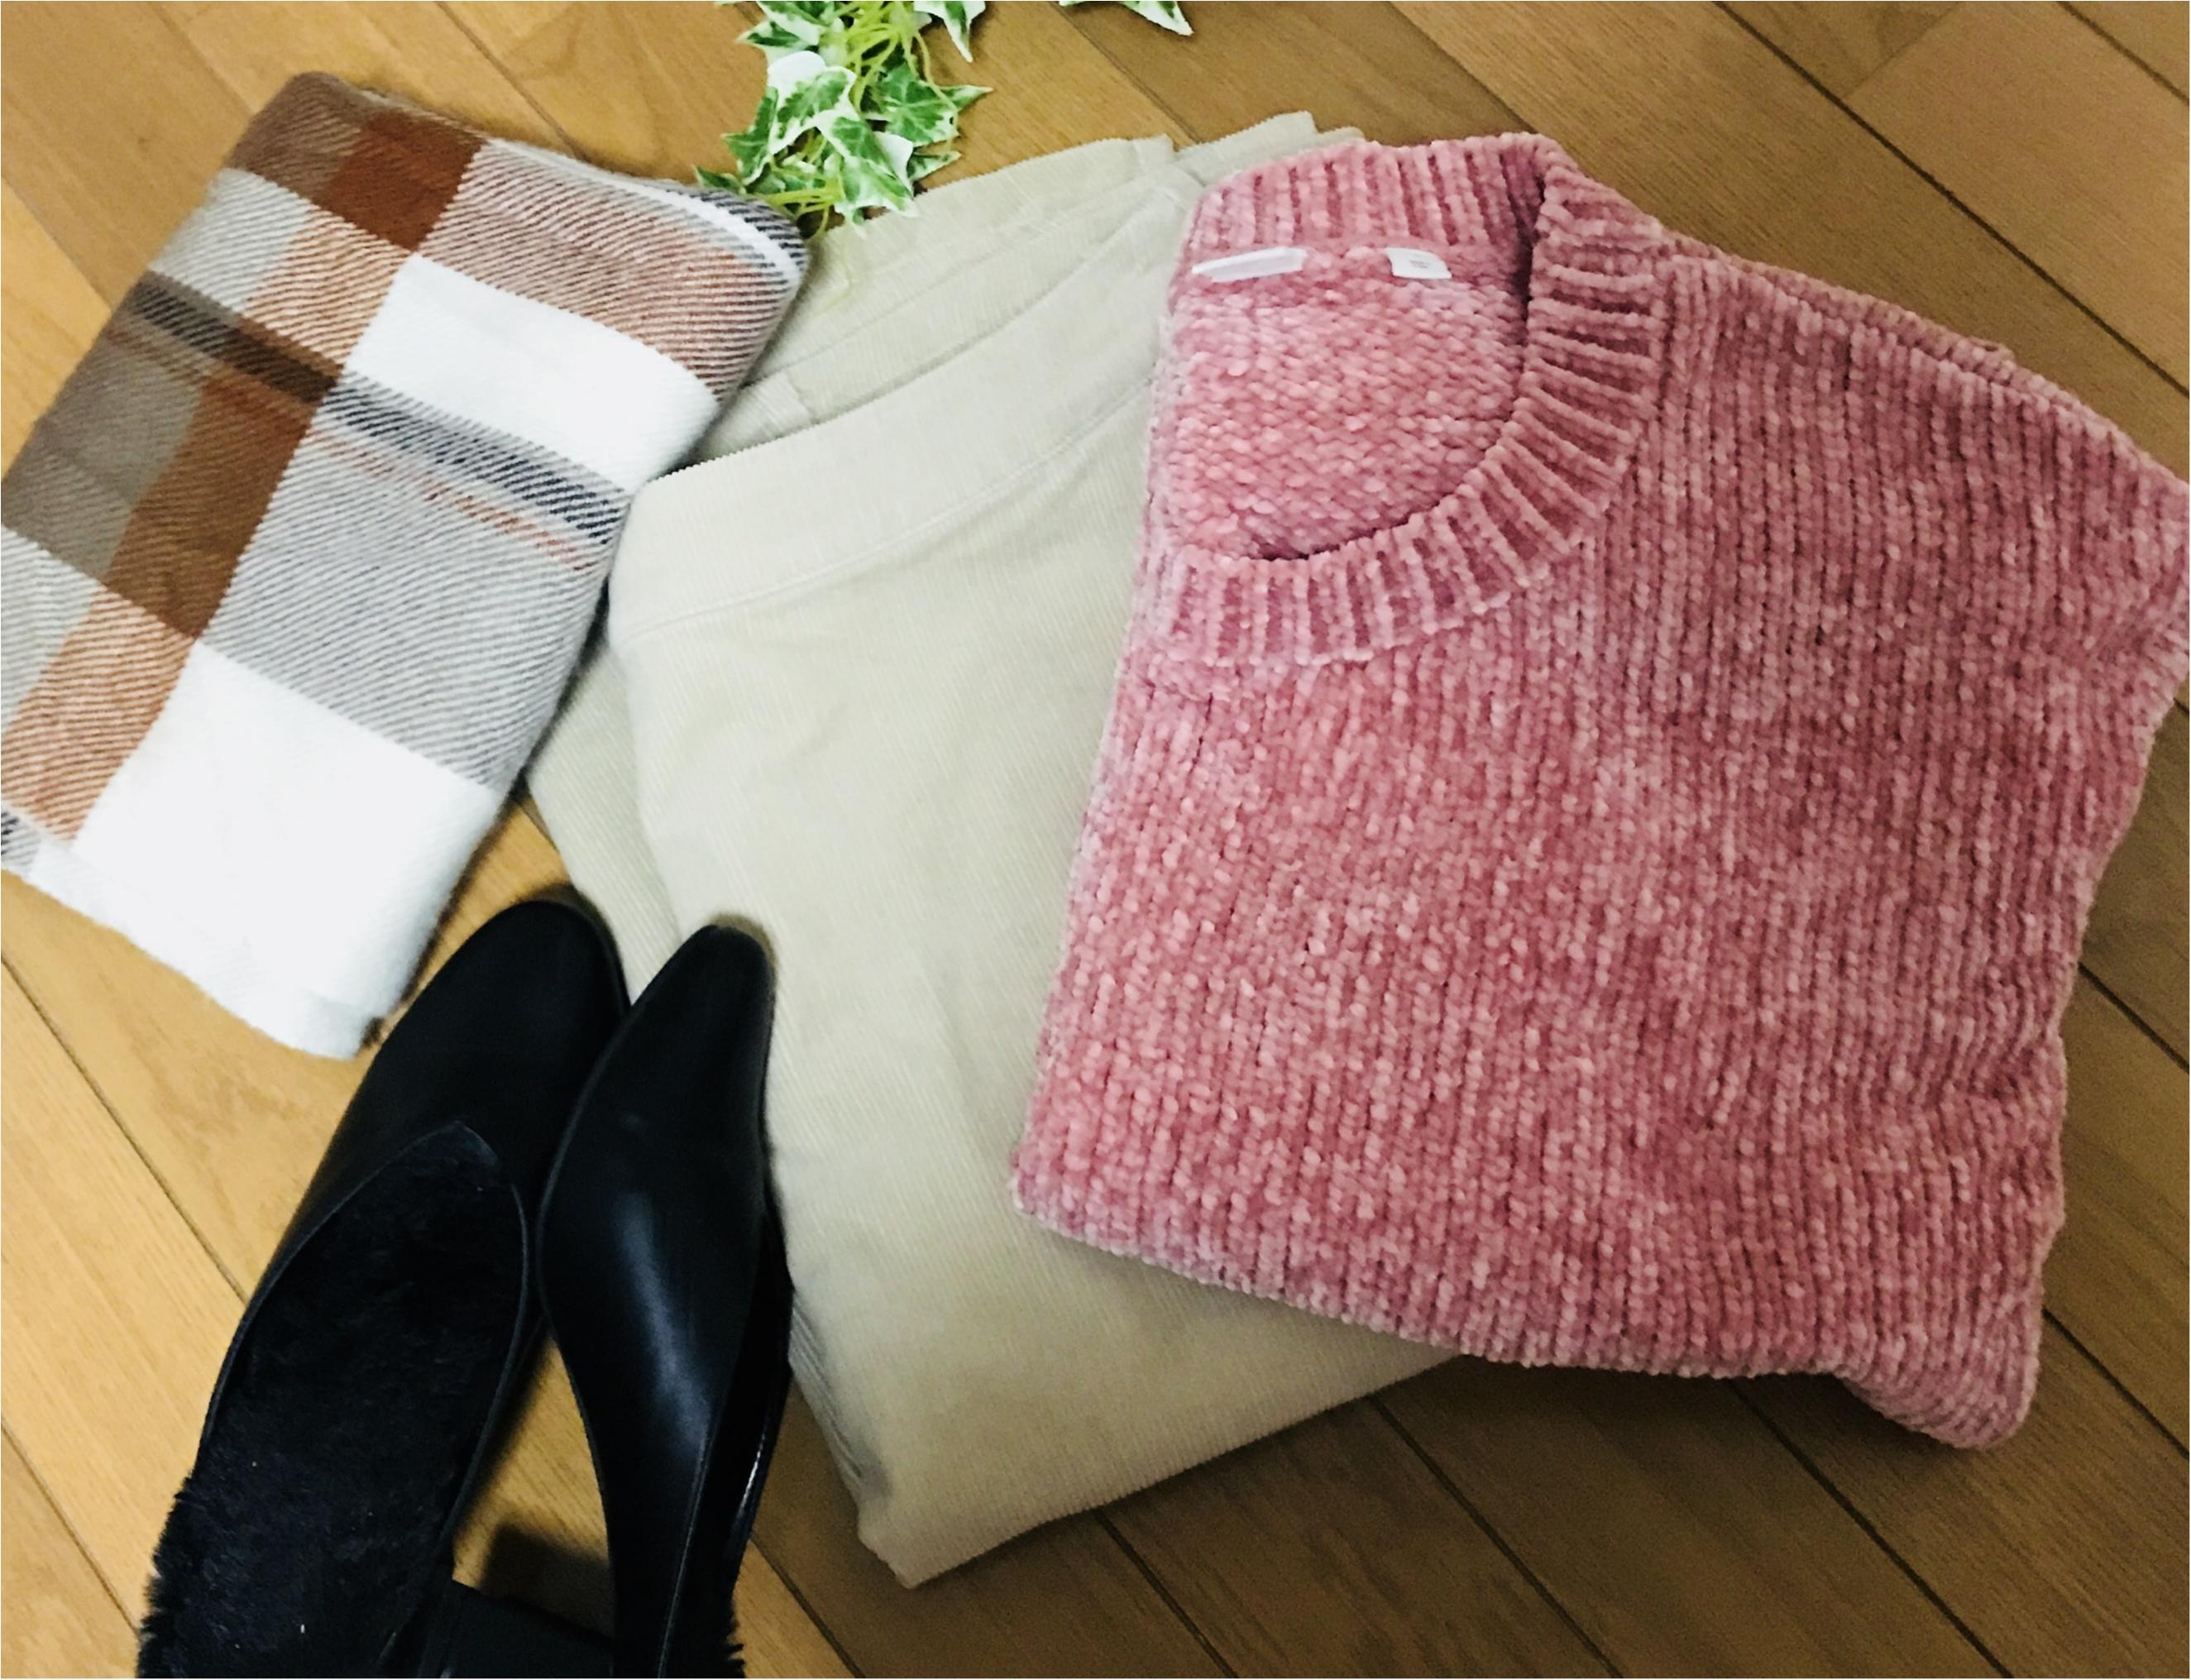 【ユニクロ】買ってよかった!まだまだ使える冬アイテム♡♡《コーデュロイスカート×ニット》の最強コーデを組んでみました❤︎_1